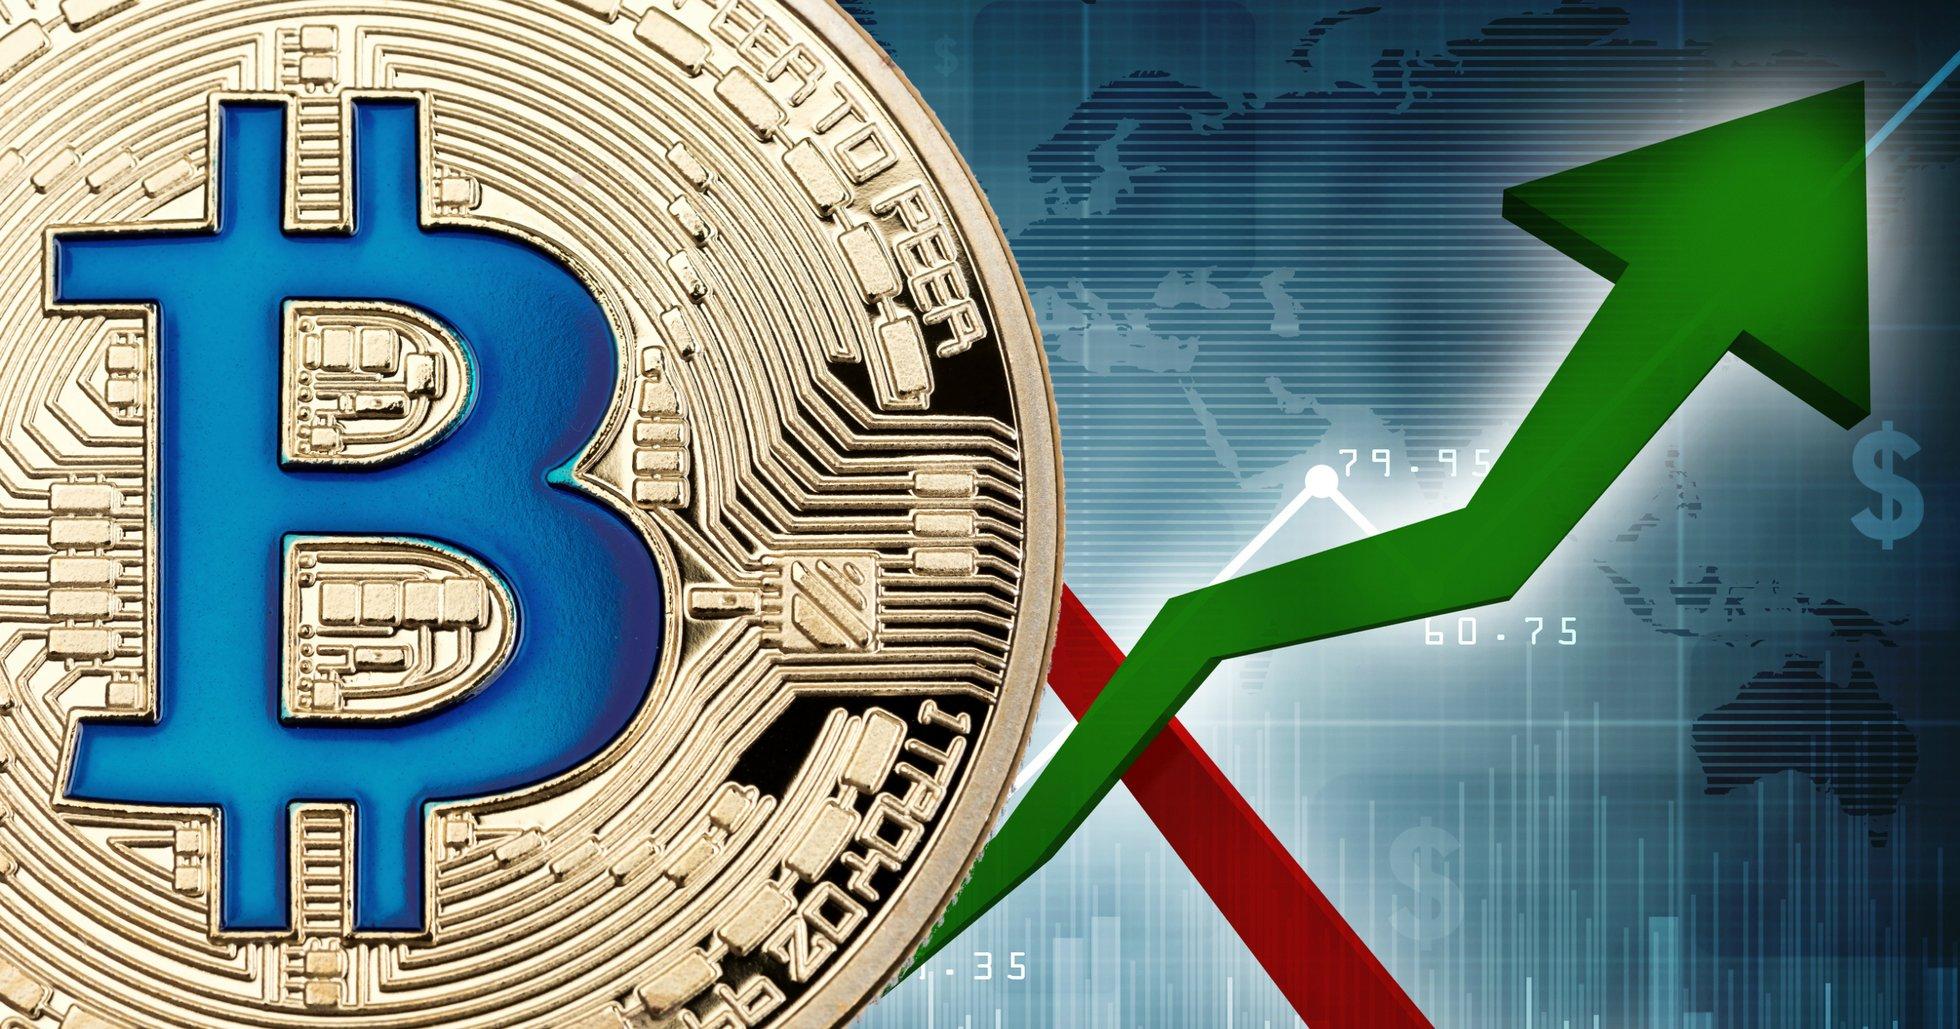 Bitcoinpriset återvänder till 7 600 dollar – stiger 3,5 procent under fredagen.